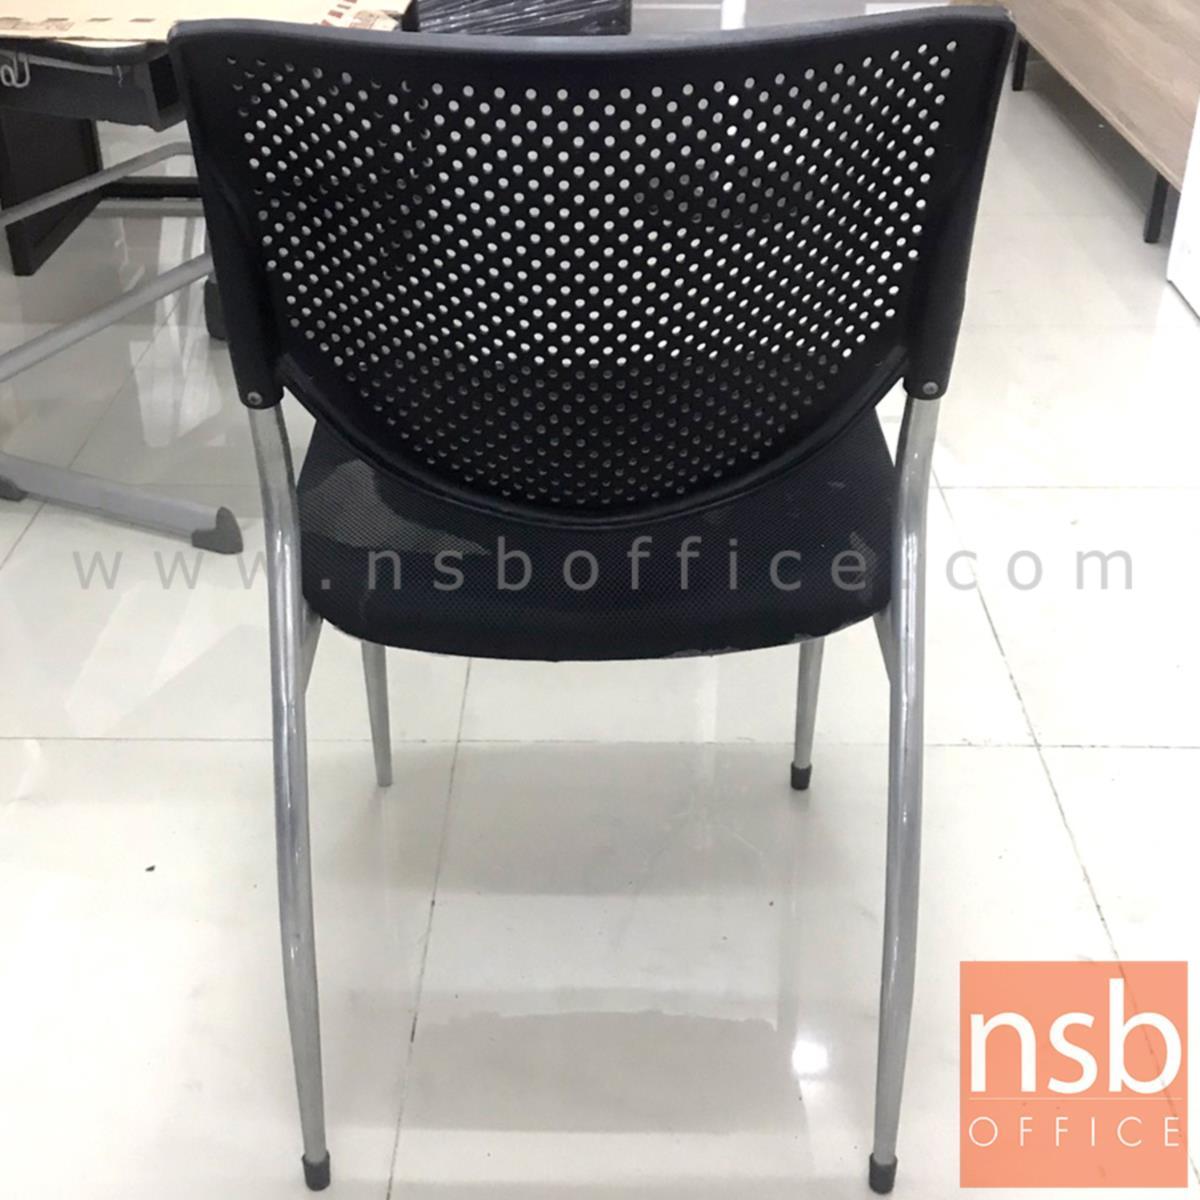 เก้าอี้เนกประสงค์  ขนาด 51W*82H cm. สีดำ (STOCK-1 ตัว)